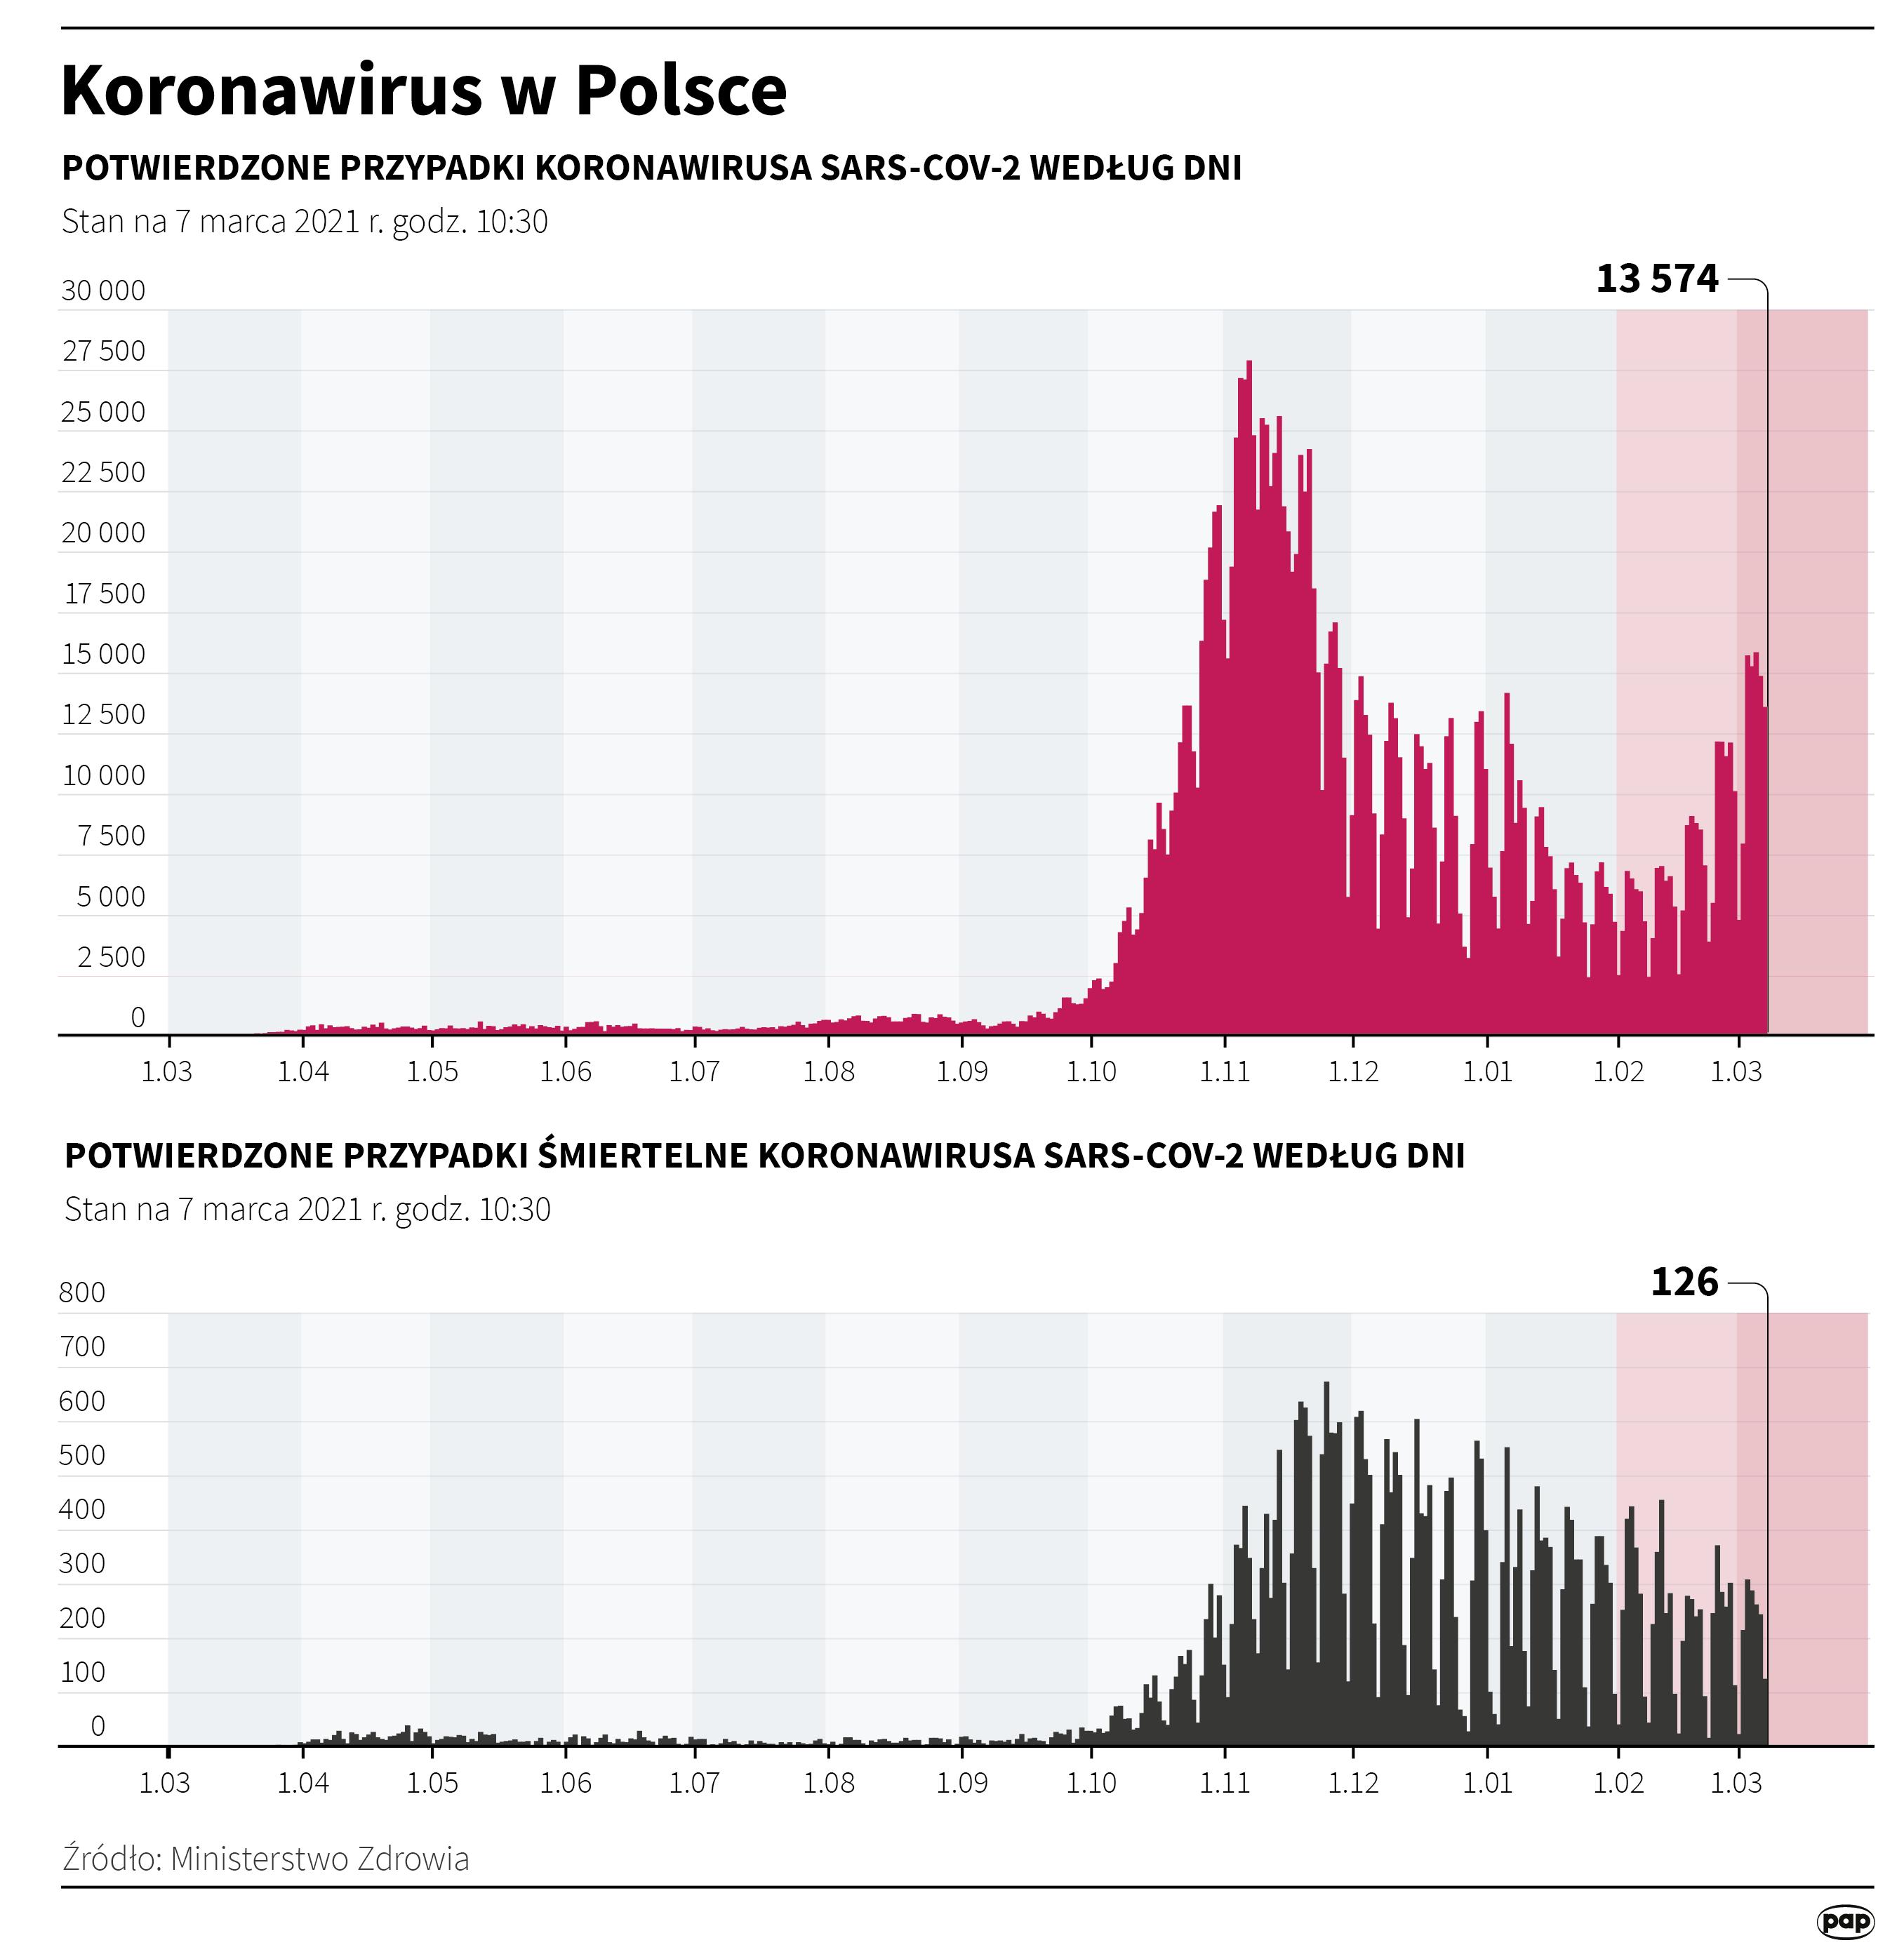 Koronawirus w Polsce stan na 7 marca [autor: Maria Samczuk, źródło: PAP]